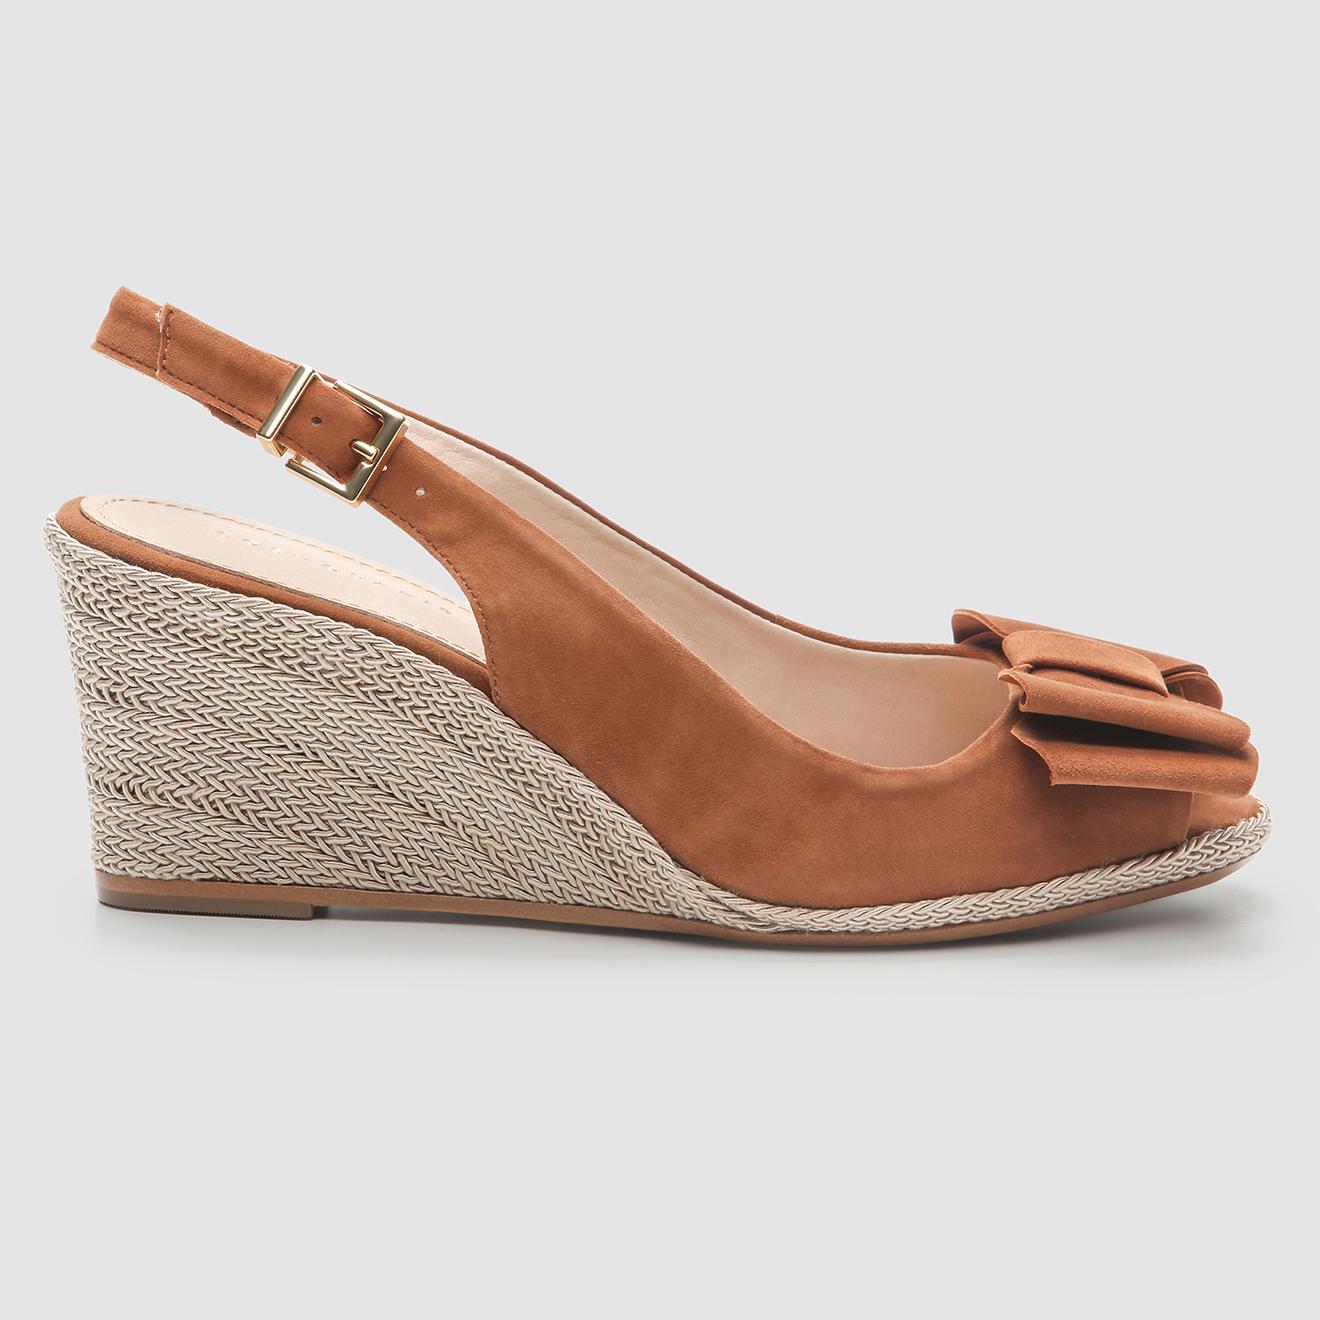 Sandales compensées en Velours de Cuir Lizia - Talon 7 cm - Cosmoparis - Modalova